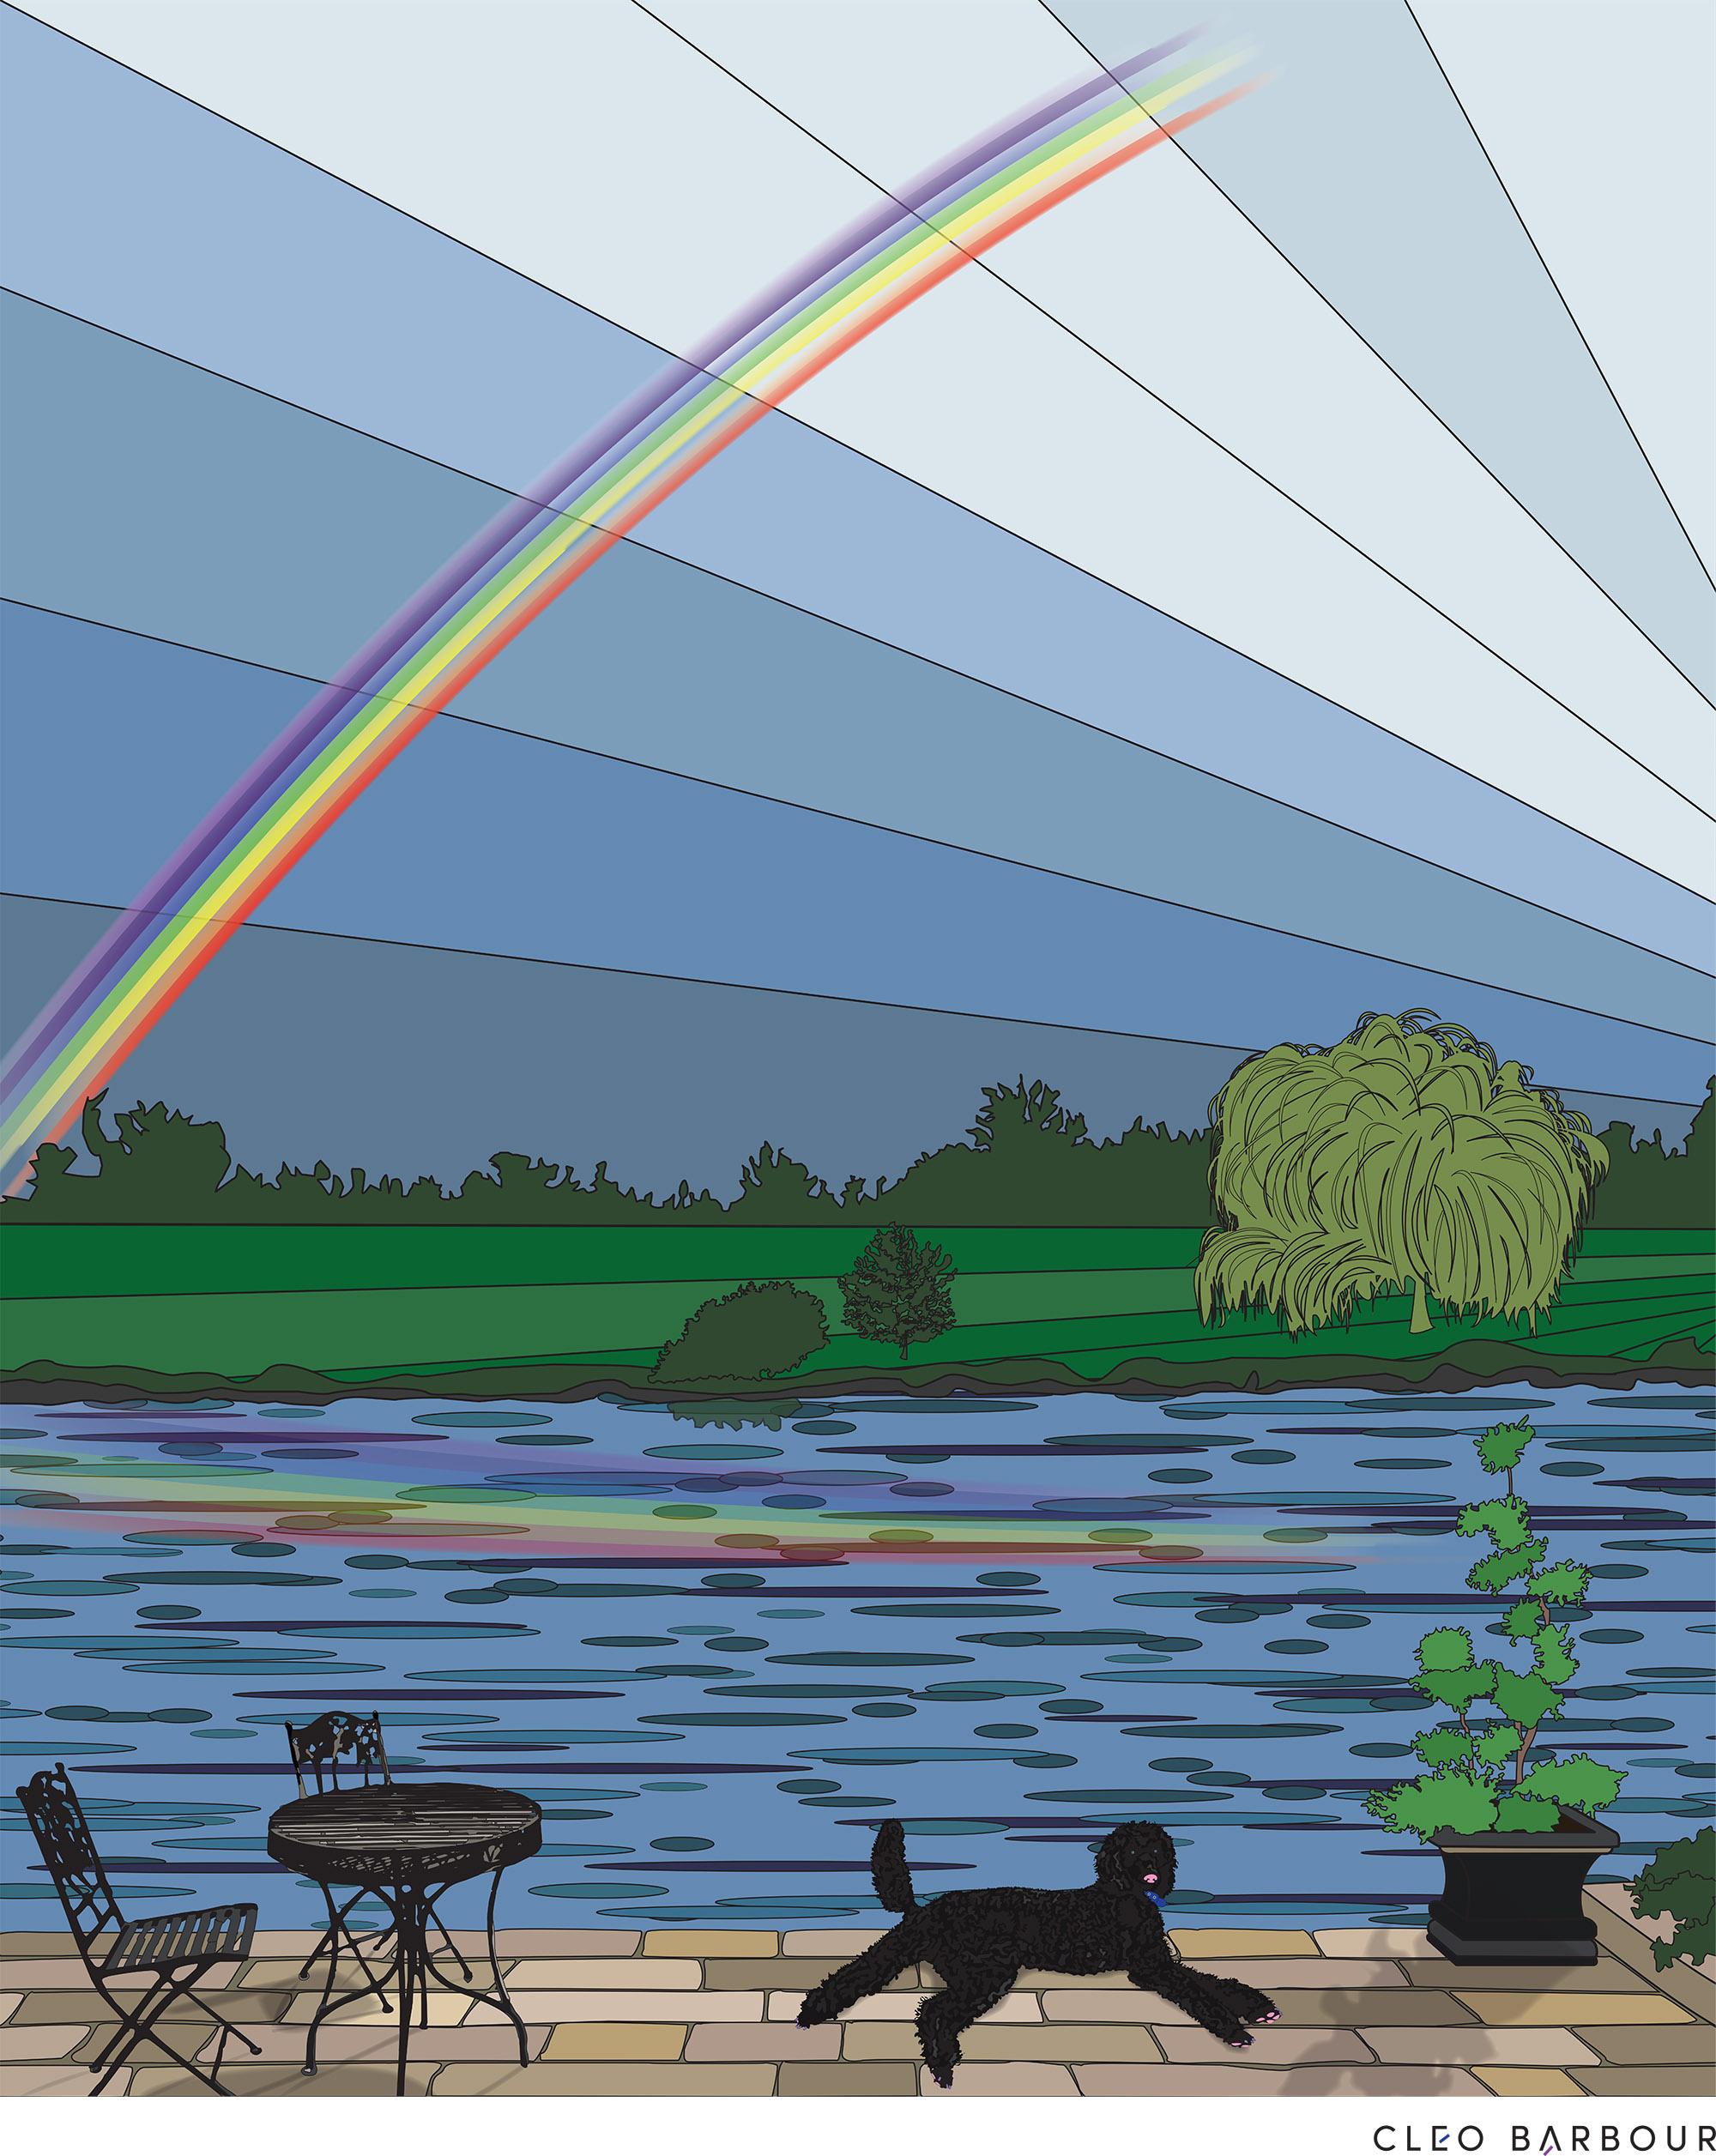 lake-rainbow-illustration